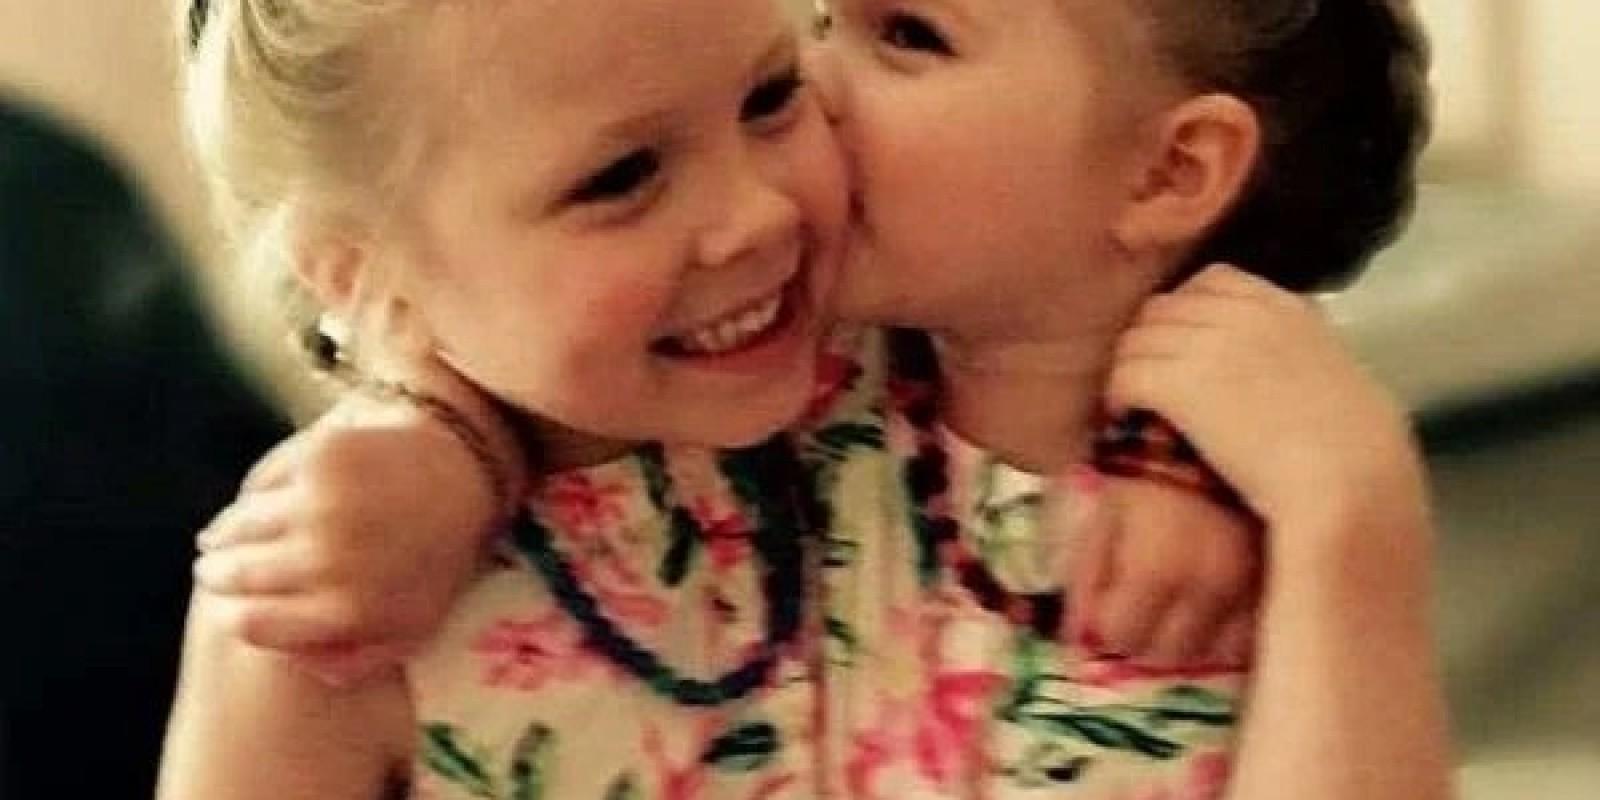 Internacional: Psicóloga mata filhas gêmeas a tiros enquanto dormiam